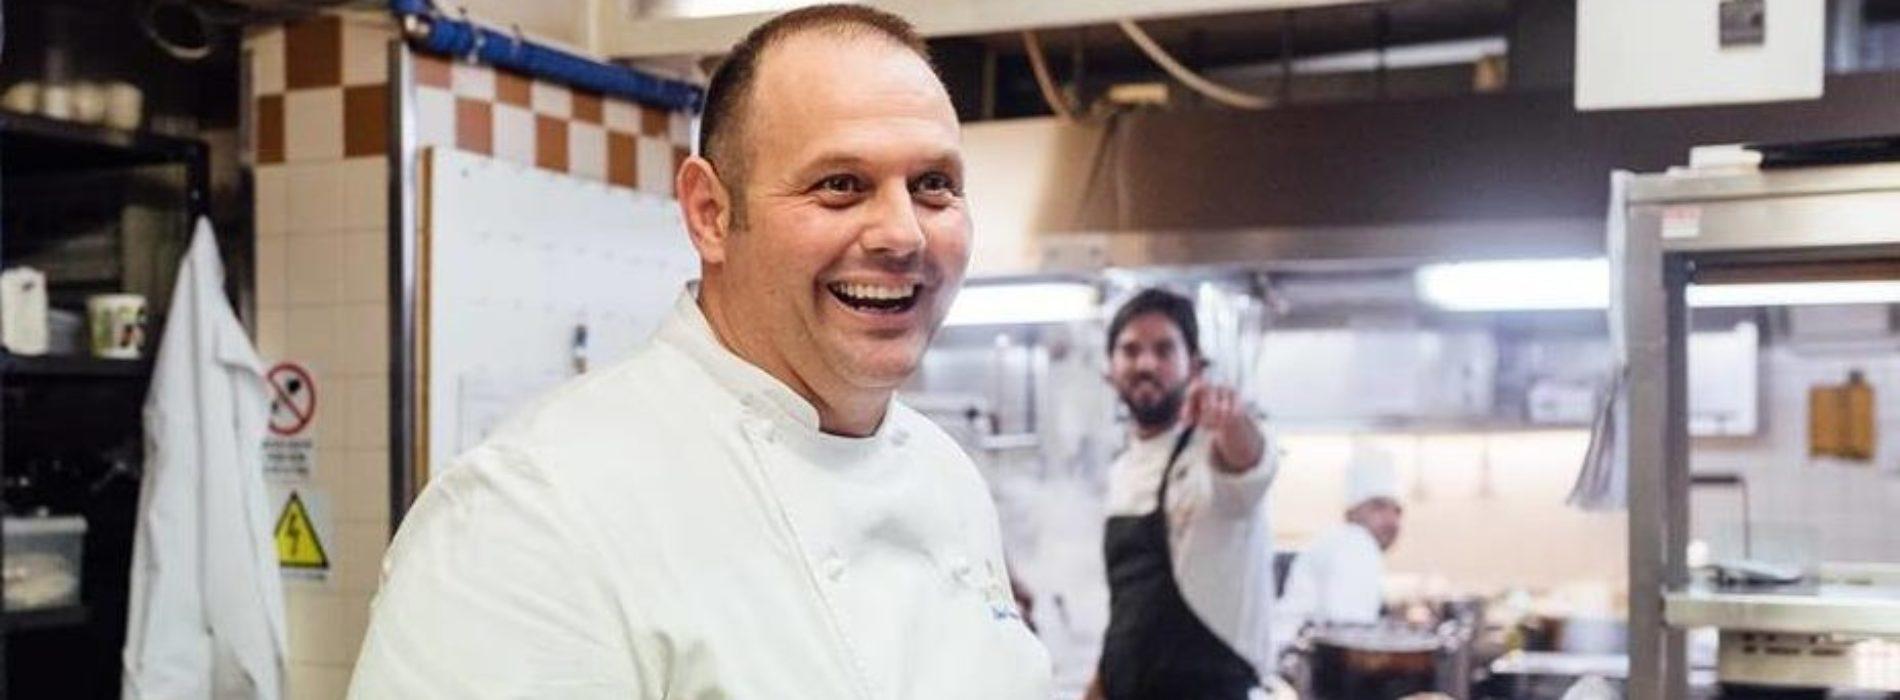 Lo chef stellato più ricco non è né Cannavacciuolo né Cracco